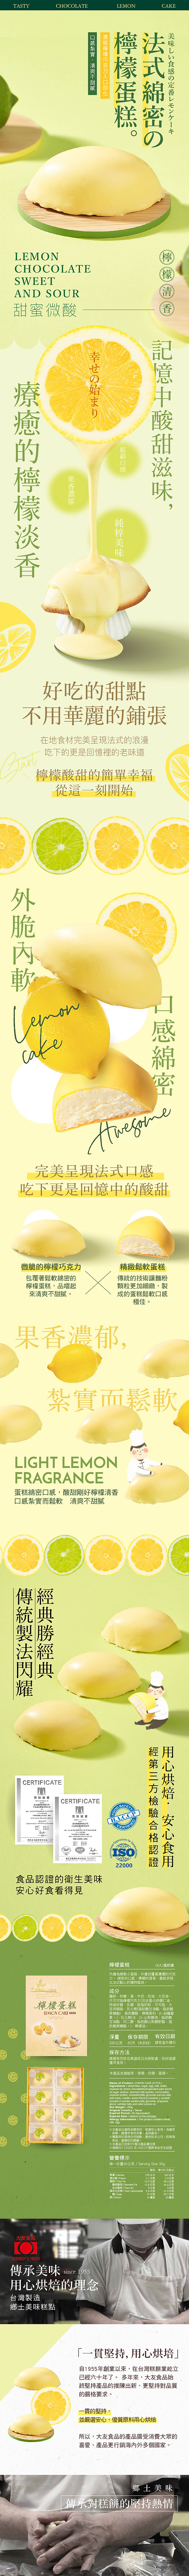 明玥設計-大友食品檸檬蛋糕EDM